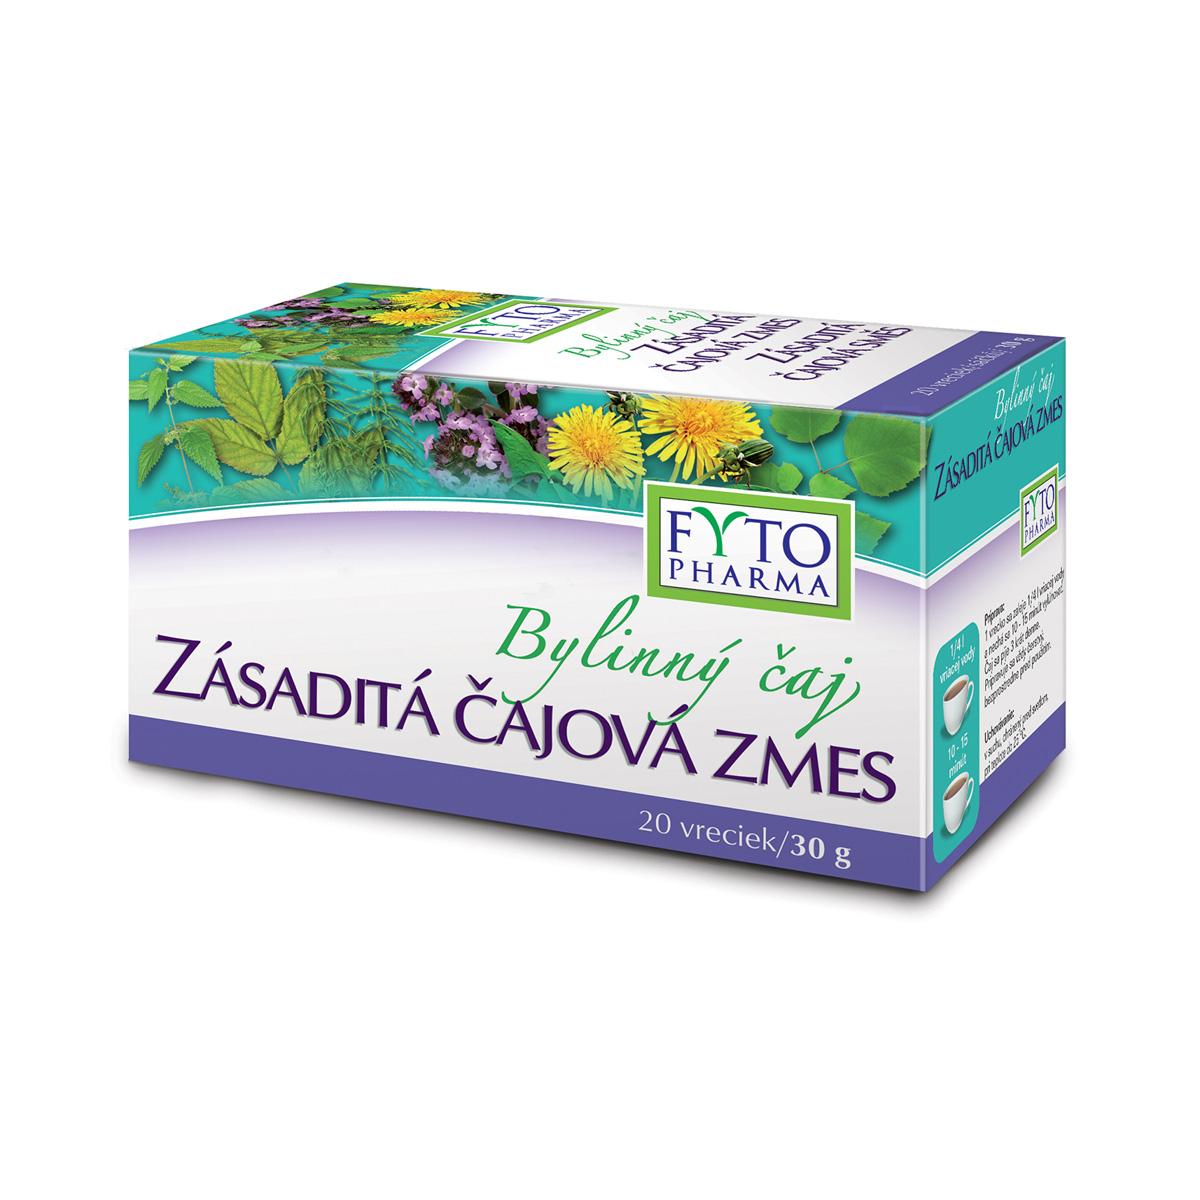 Fytopharma Bylinný čaj Zásaditá čajová směs 20 x 1,5 g